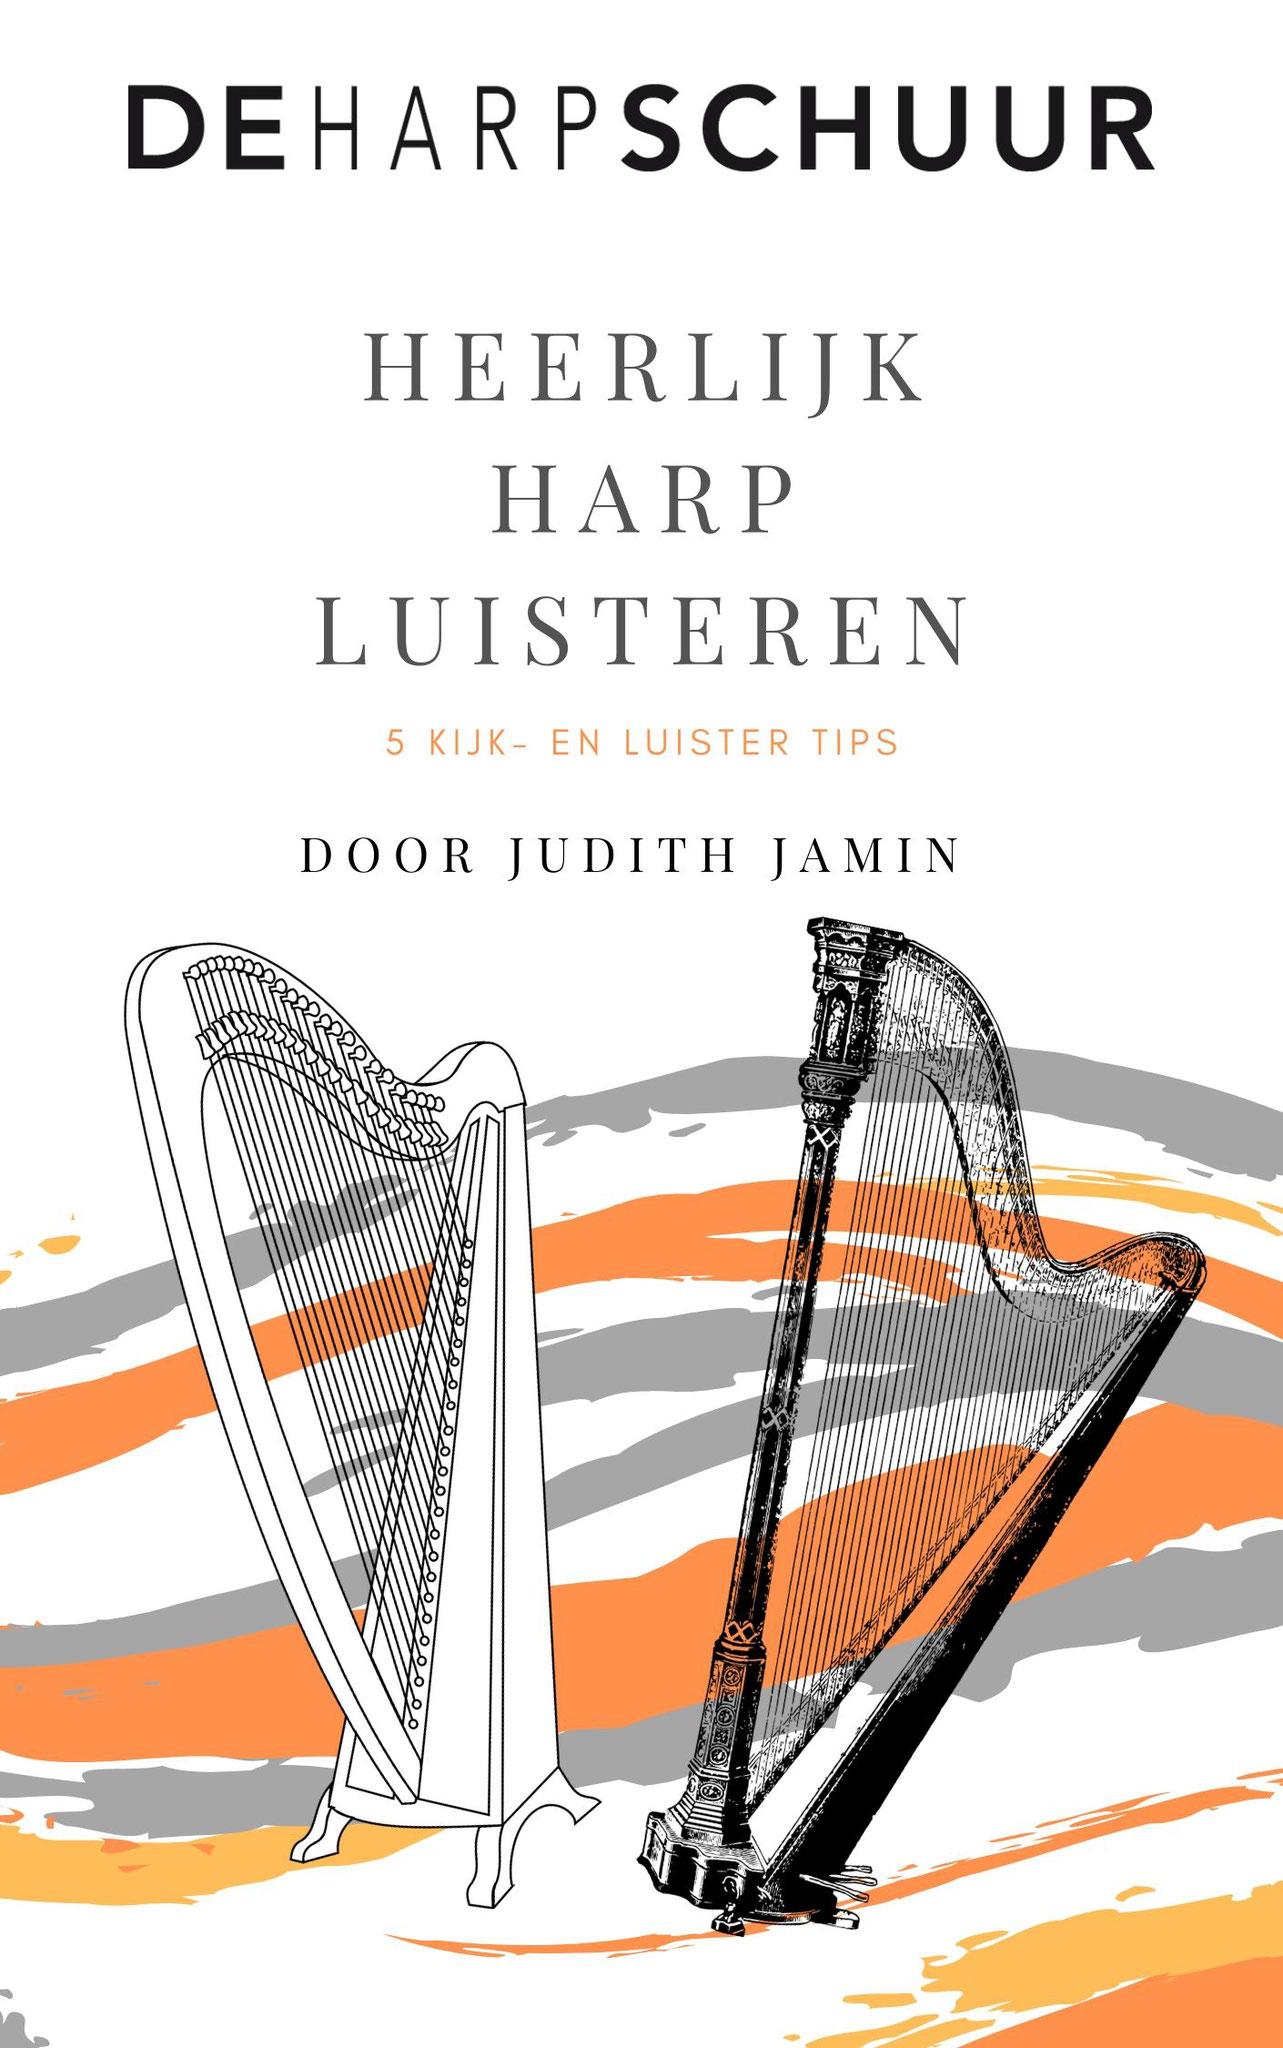 Ontvang 5 weken lang iedere week een kijk- en luister tip op harpgebied.